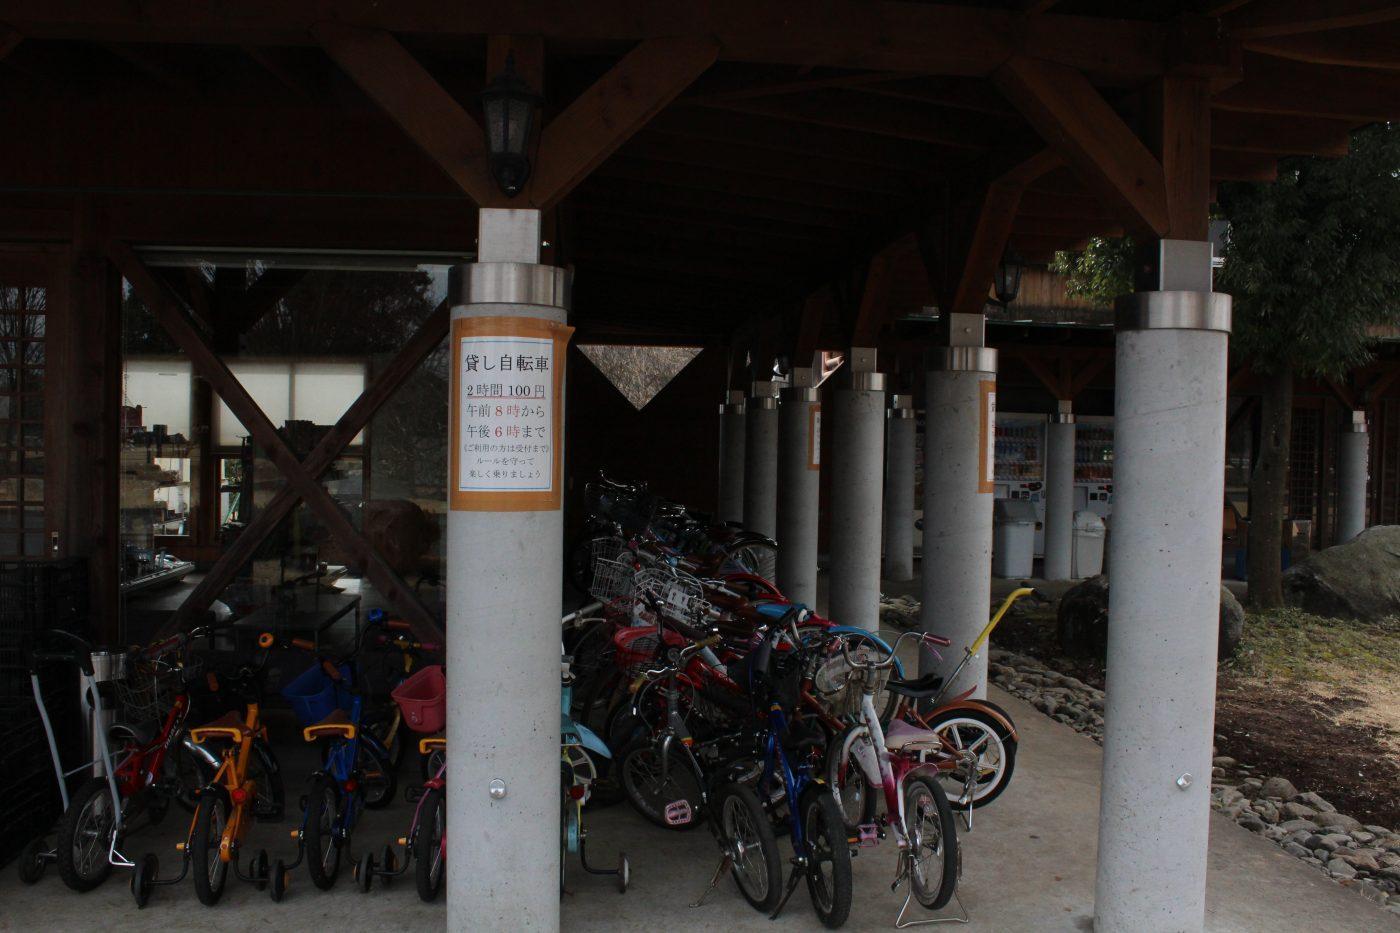 広い場内を楽しむための貸し自転車